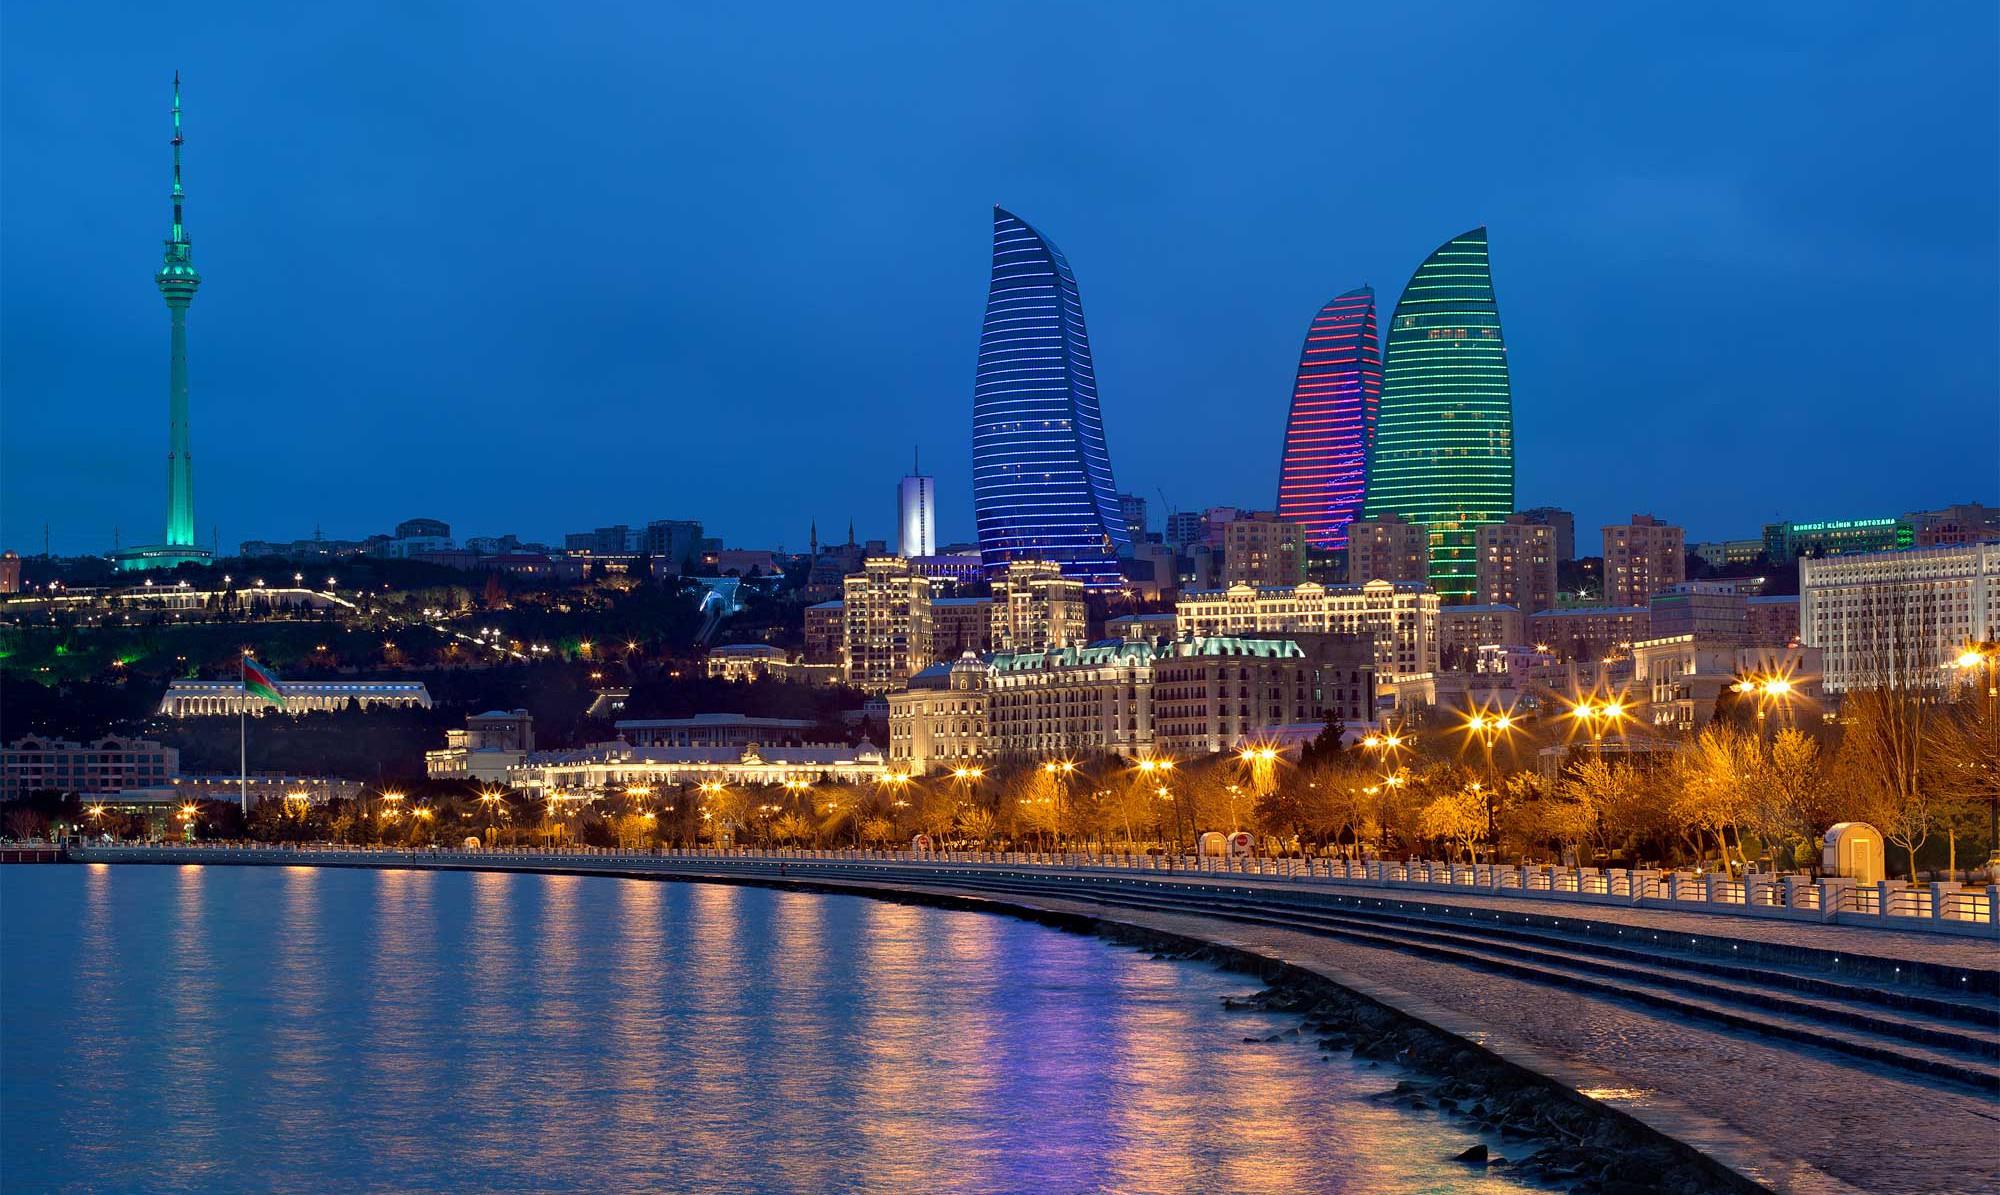 Circuito Urbano De Baku : Hamilton reina en el caos urbano